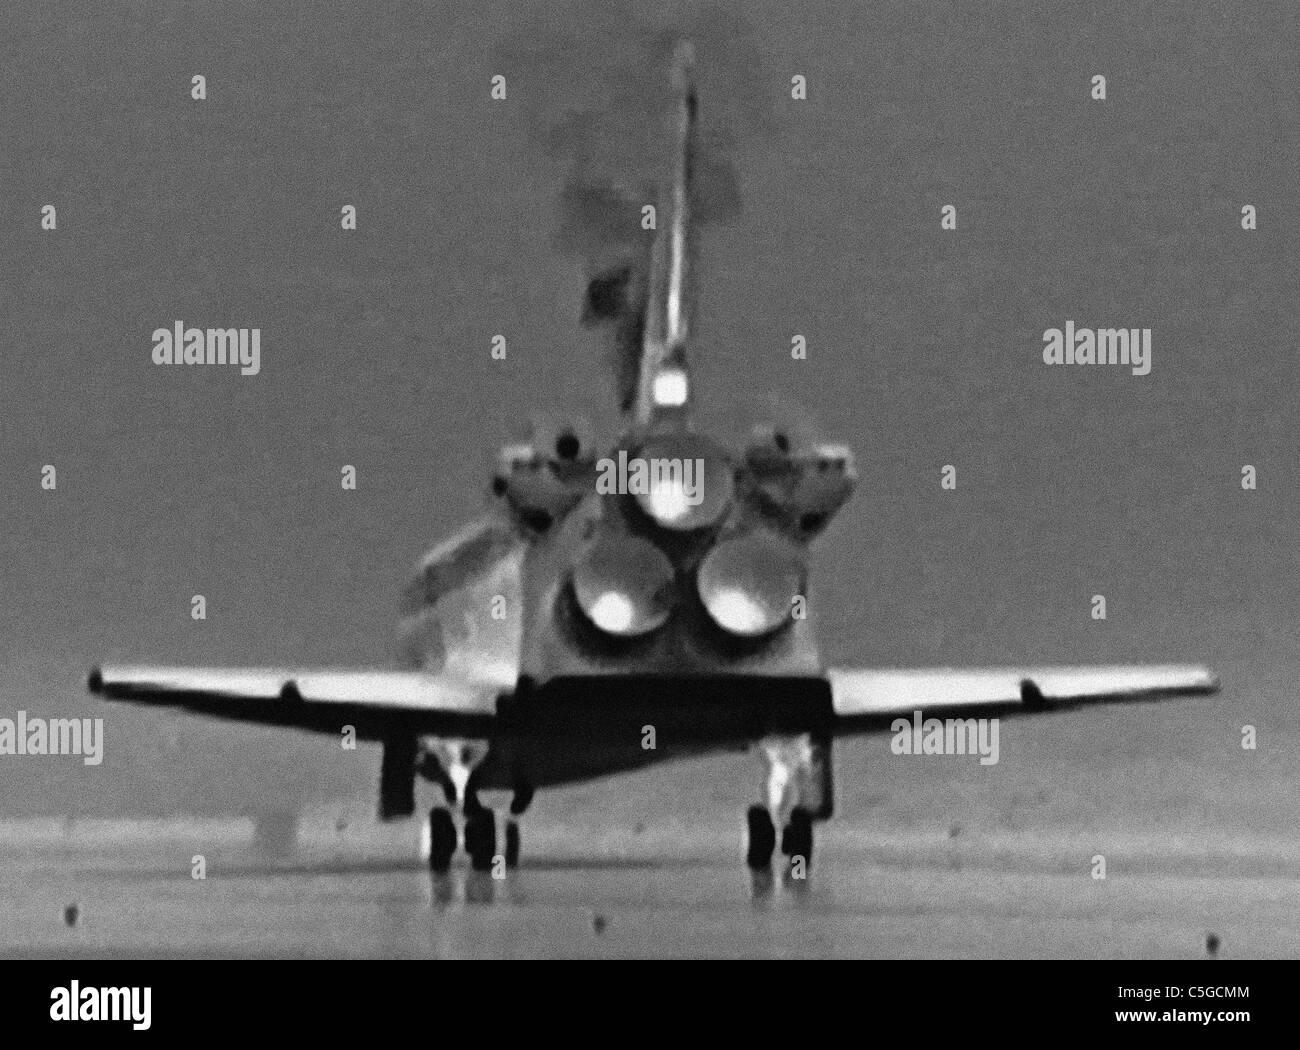 Atlantis restituisce - touchdown immagine termica invertito per fornire positivo - ultima navetta spaziale atterra Immagini Stock